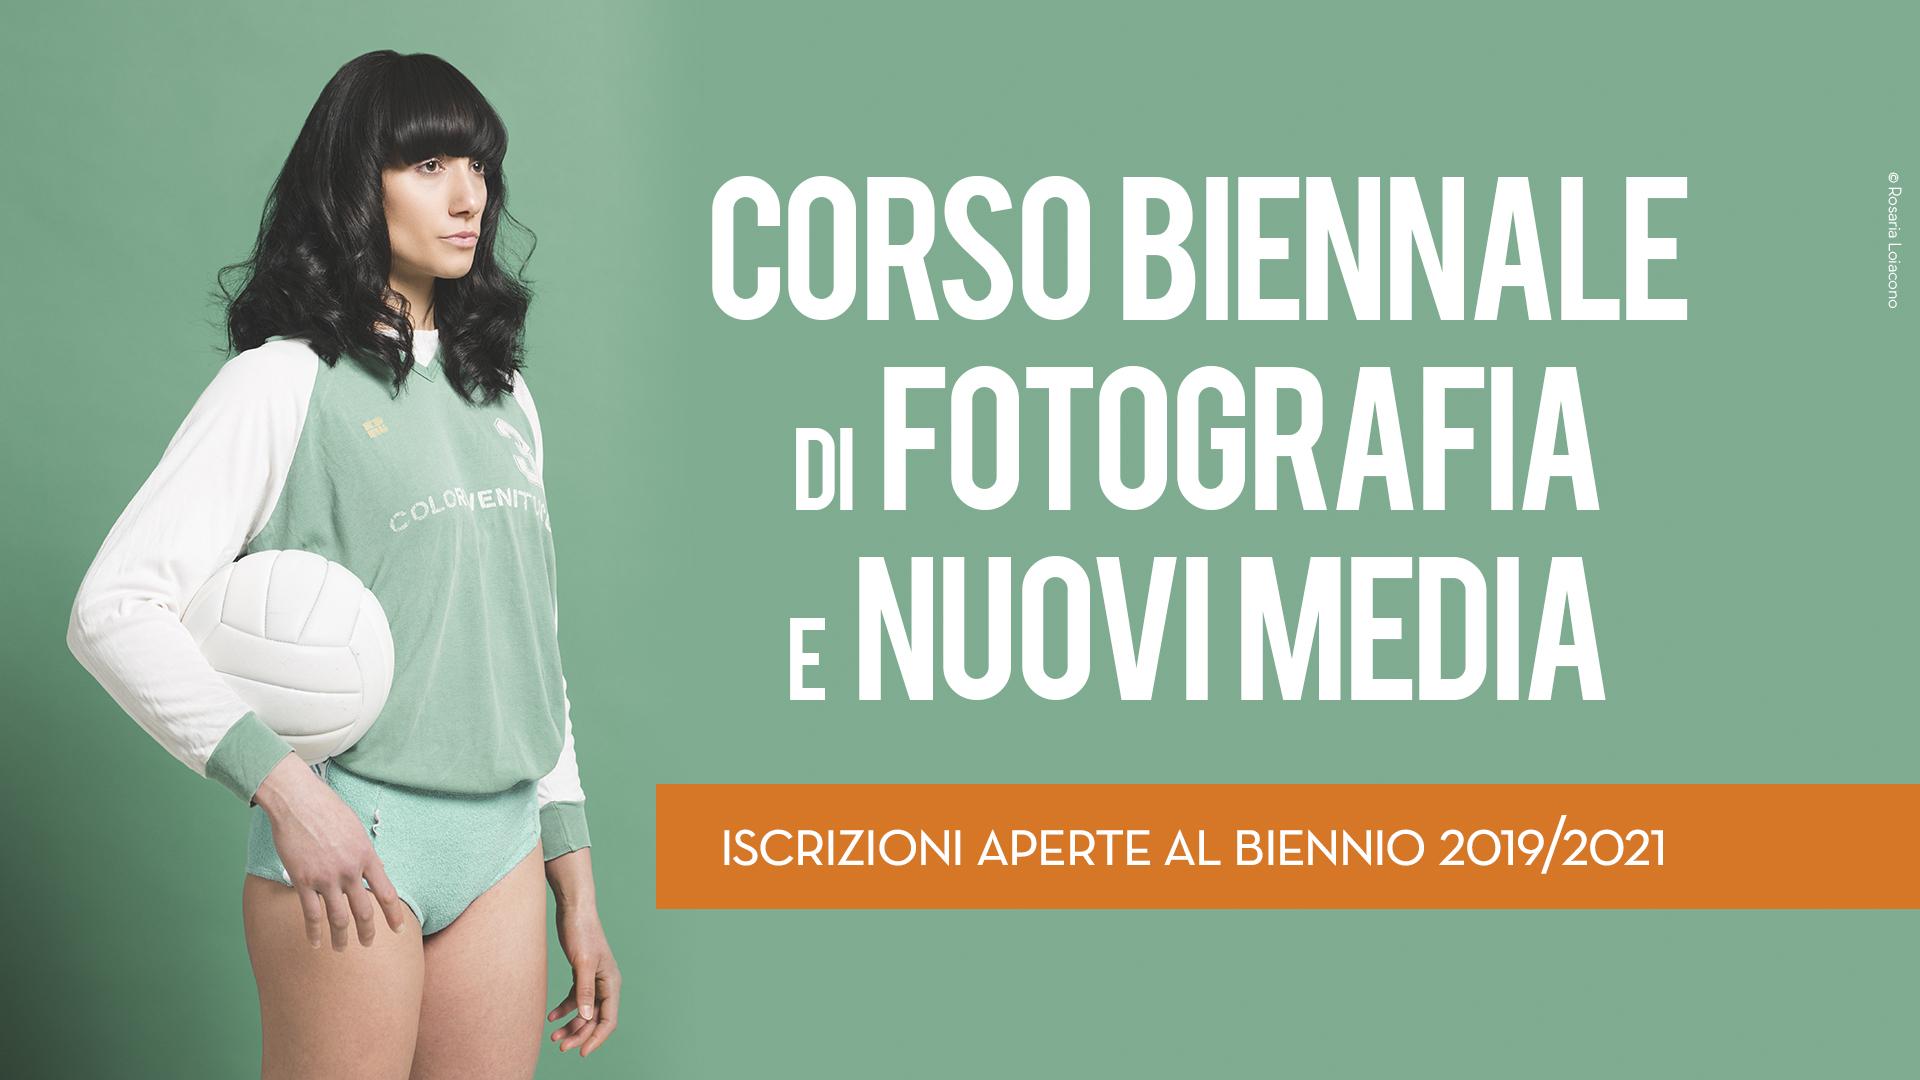 Corso biennale di fotografia e nuovi media a Bari, Puglia 2019 2020.jpg